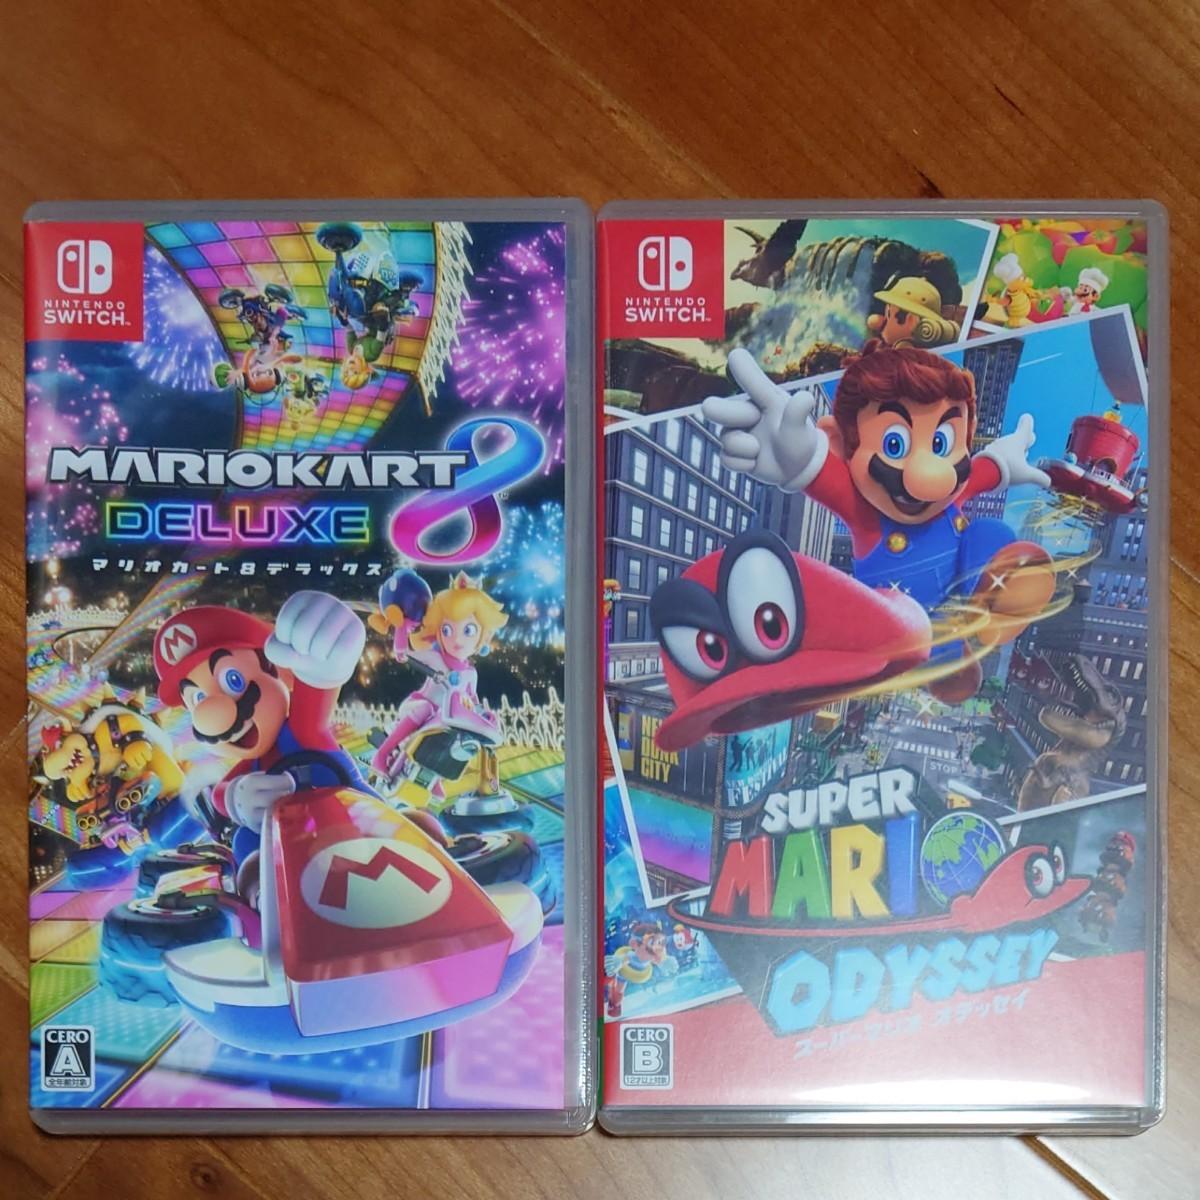 Nintendo Switch マリオカート8デラックス スーパーマリオオデッセイ セット